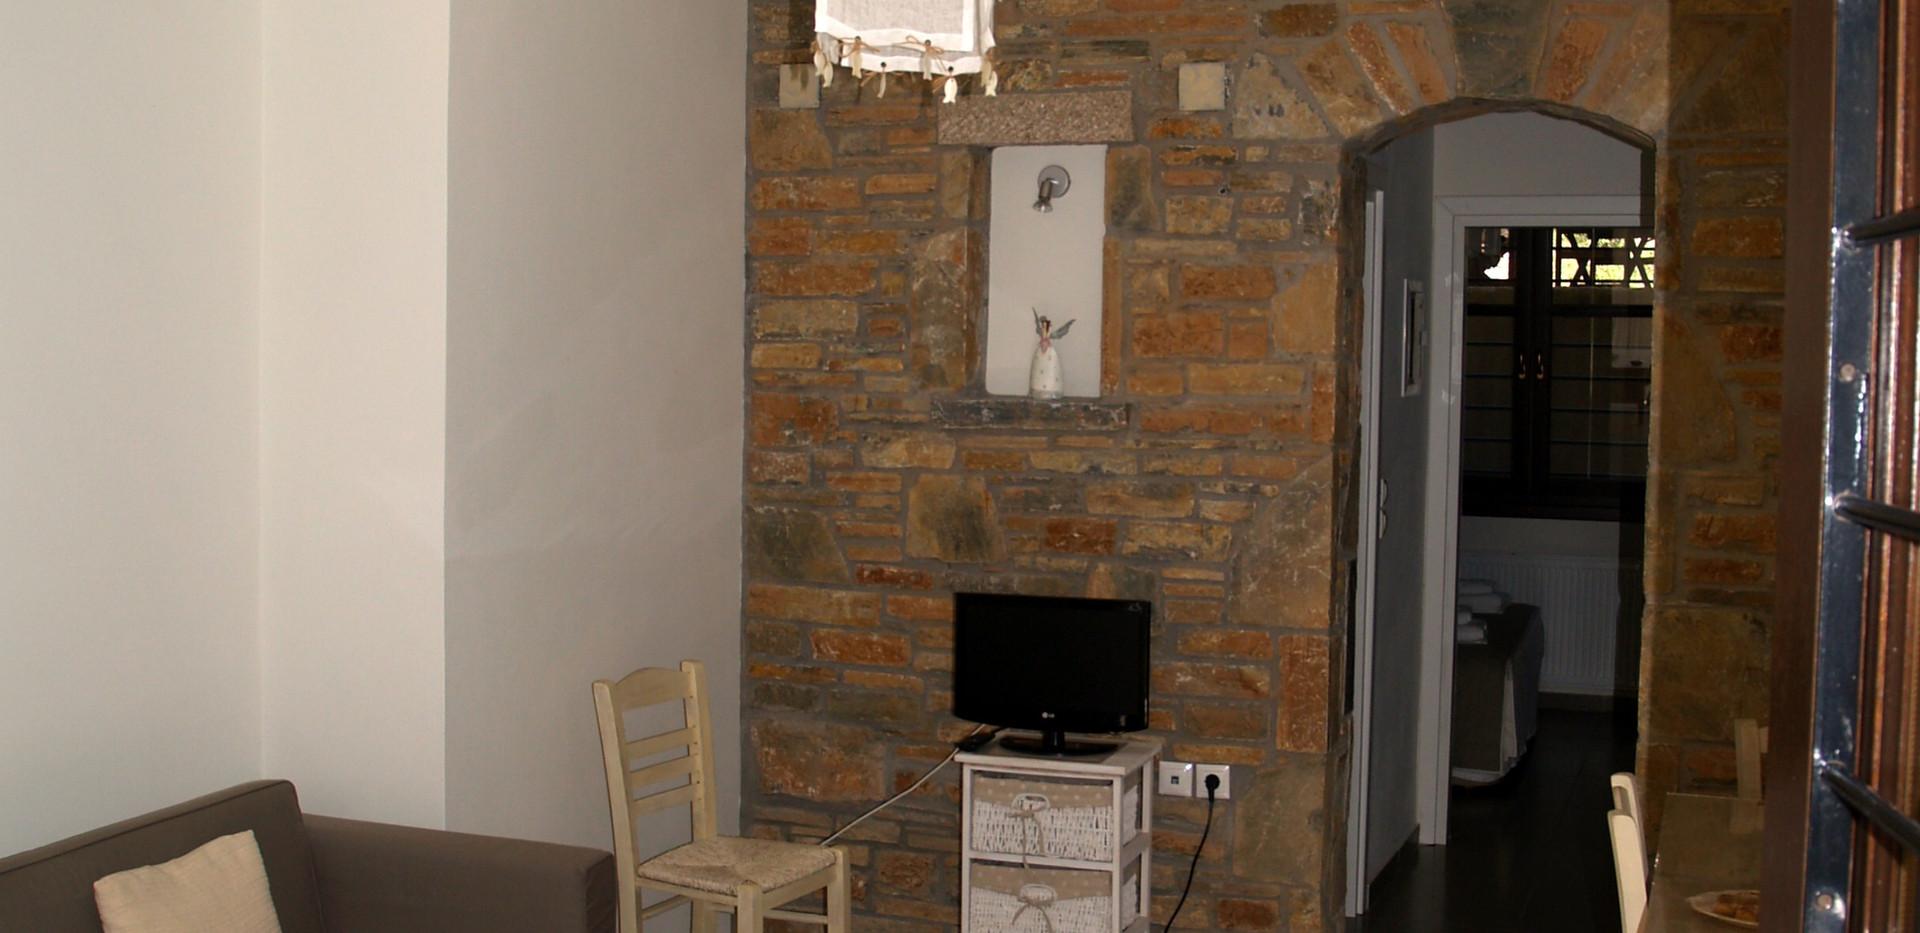 Ifigenia livingroom 2.jpg